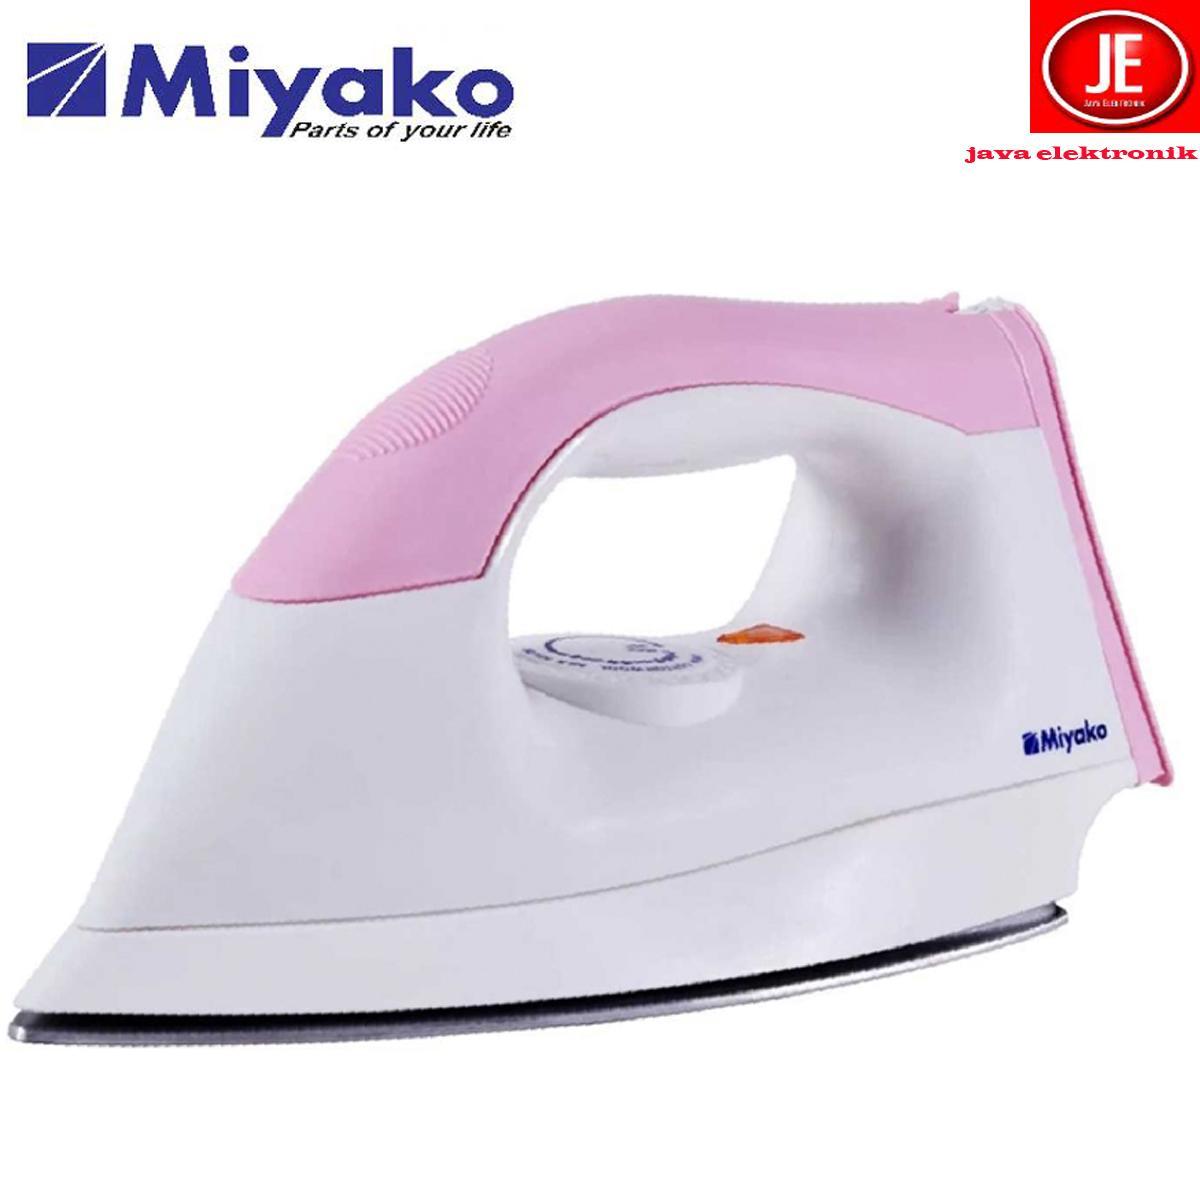 MIYAKO Setrika Listrik EI-1000M garansi resmi